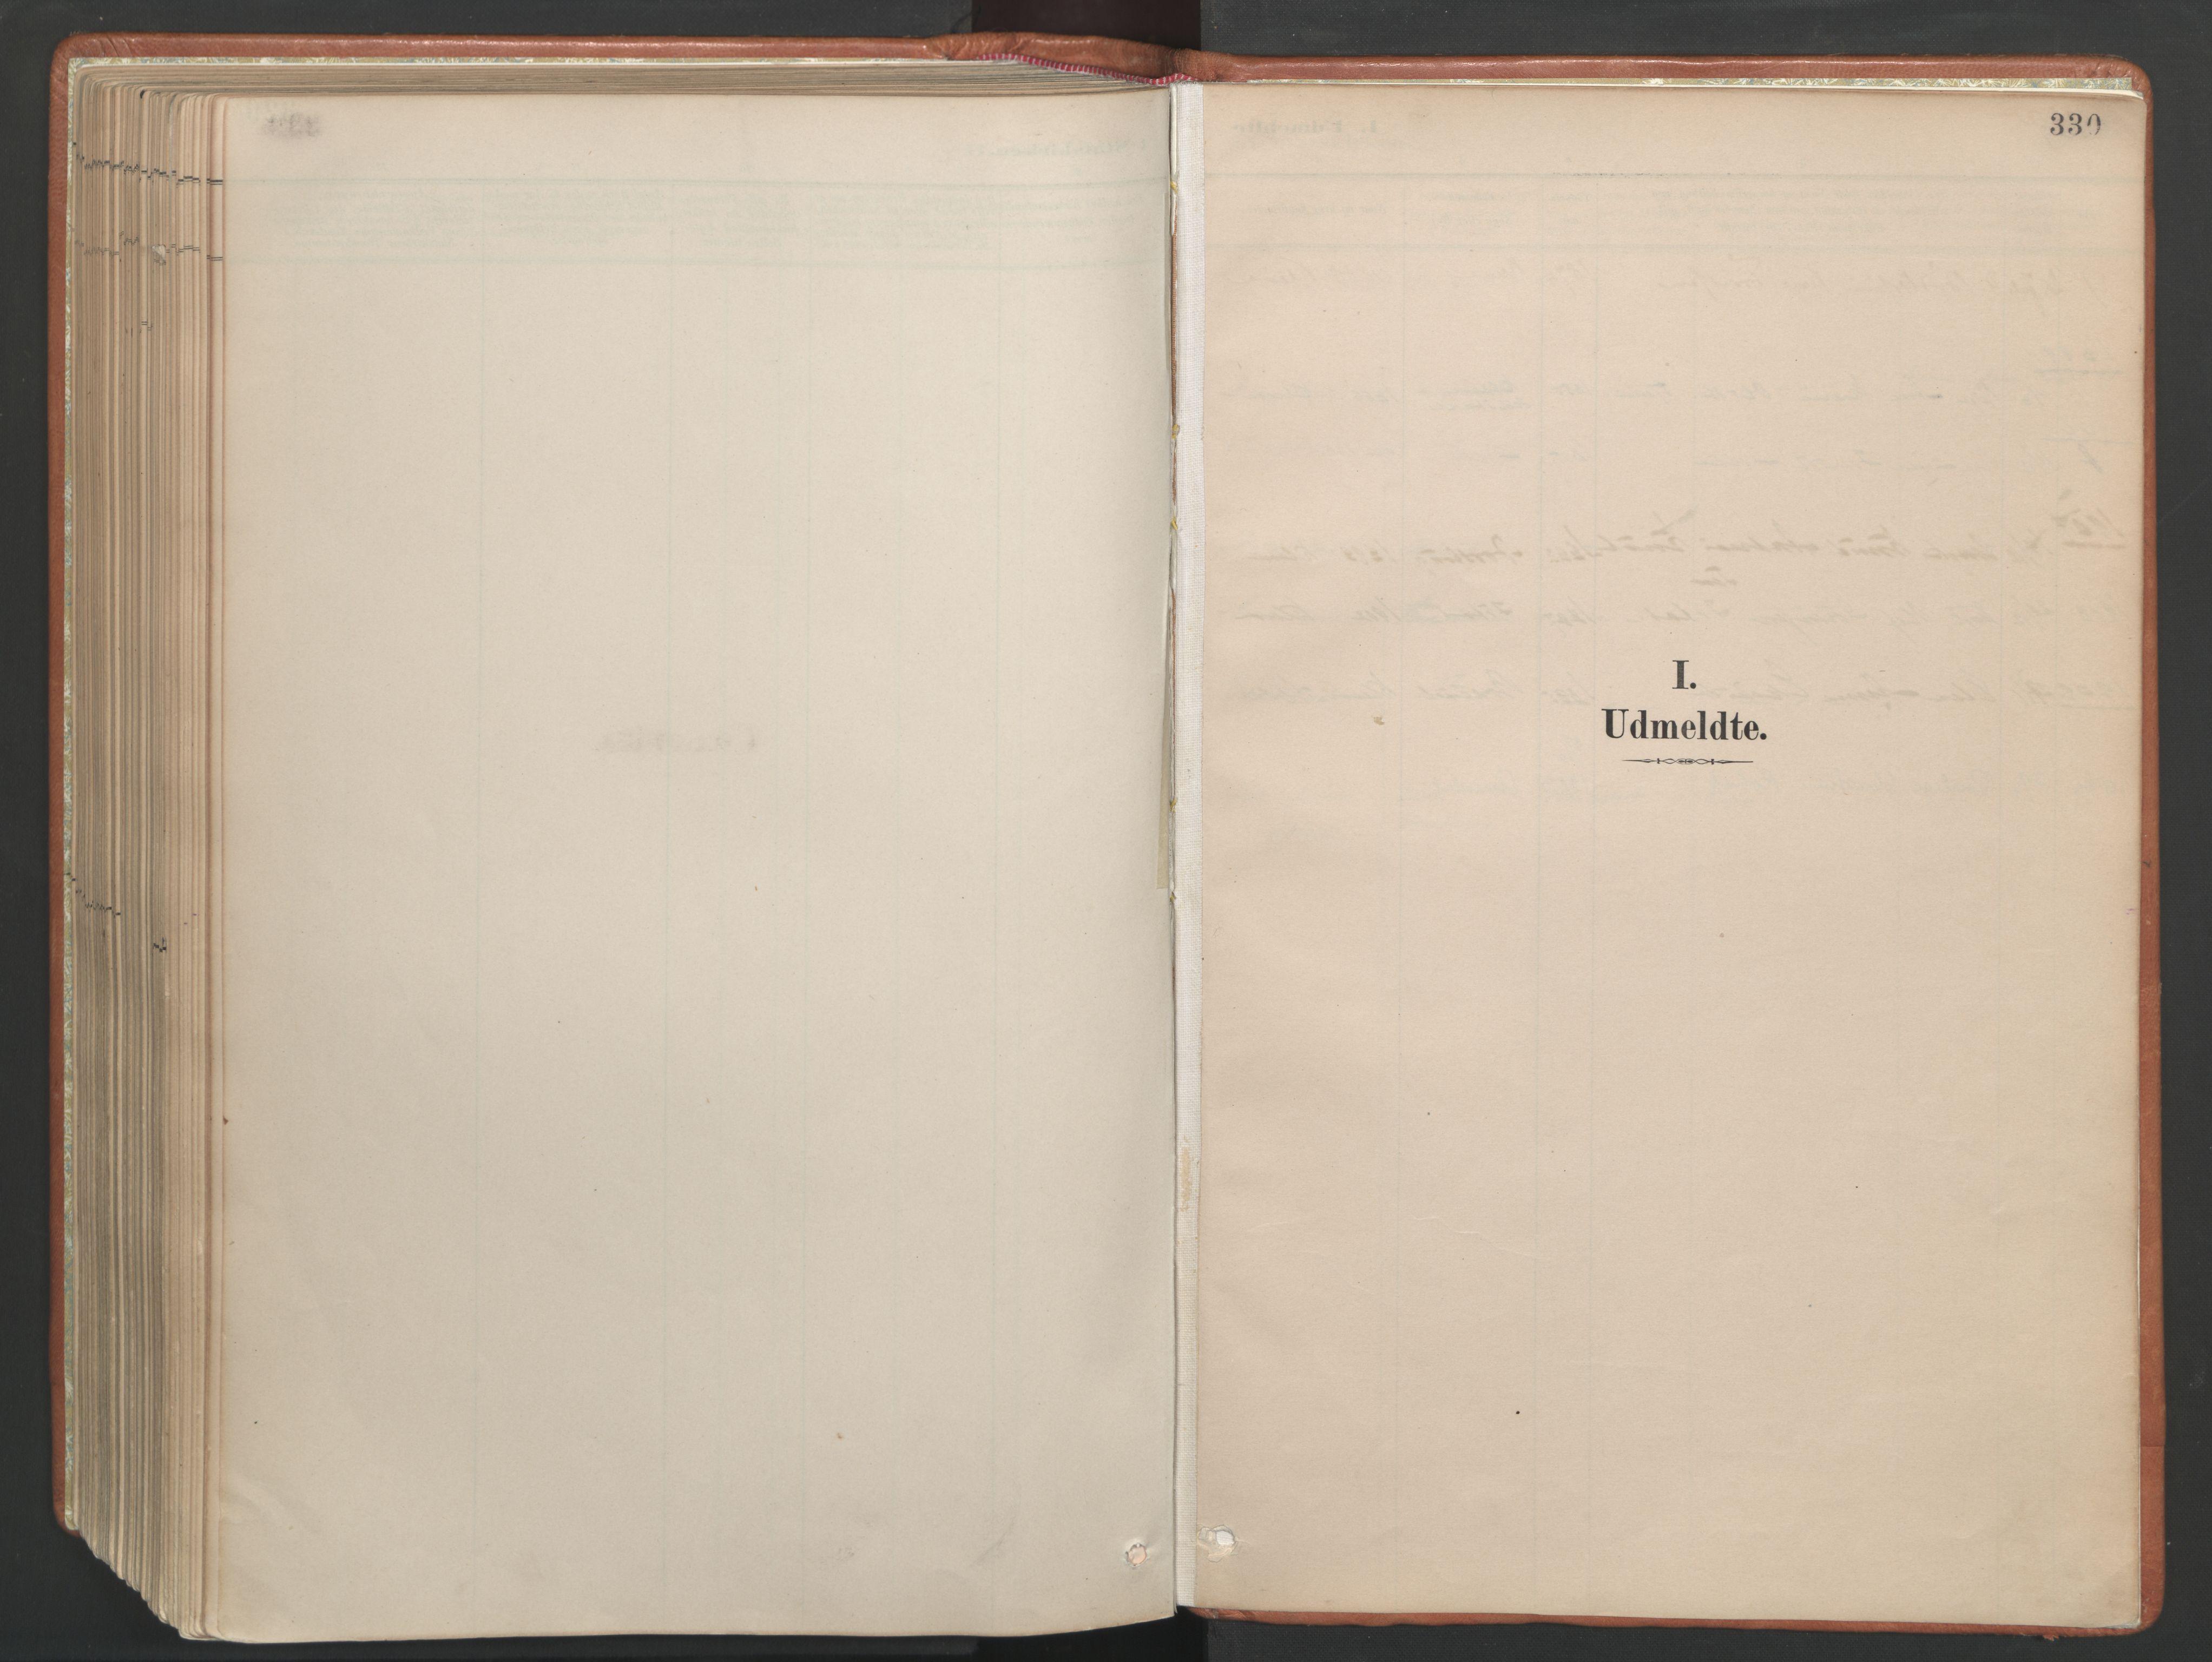 SAT, Ministerialprotokoller, klokkerbøker og fødselsregistre - Møre og Romsdal, 557/L0682: Ministerialbok nr. 557A04, 1887-1970, s. 330